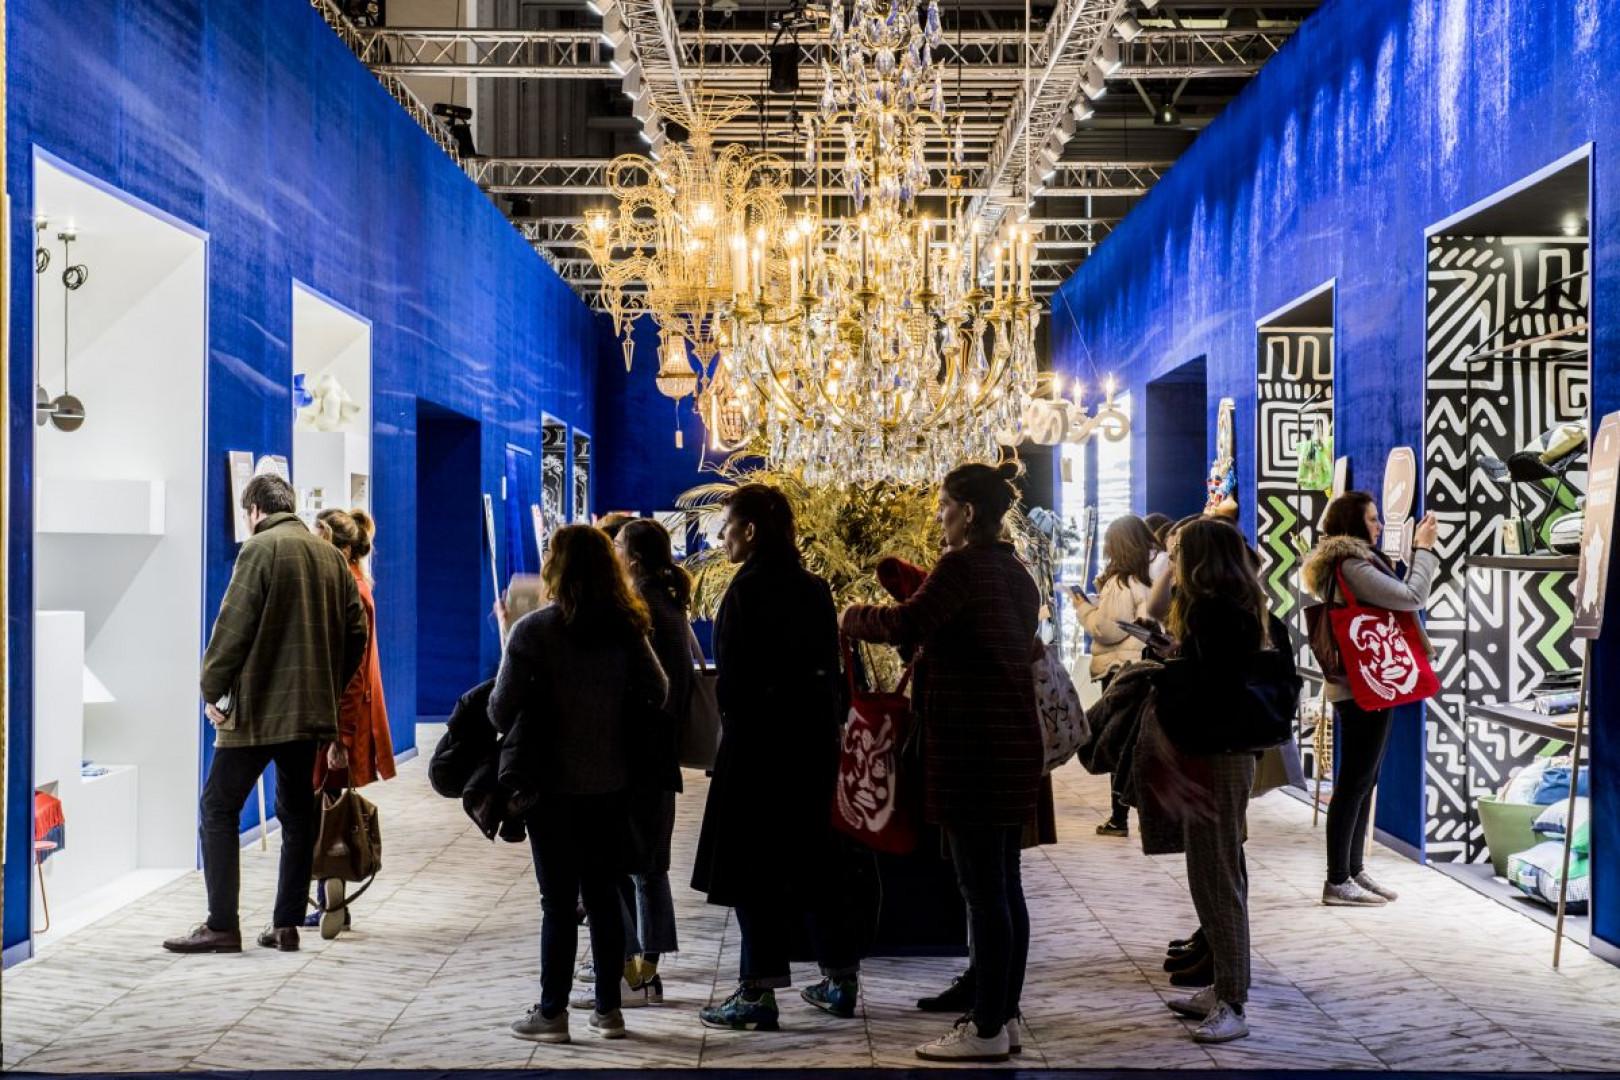 """W tym roku styczniowe targi """"Maison & Objet"""" odwiedziło 84.236 gości ze 160 krajów. Fot. Serwis targów """"Maison & Objet""""/ Aethion"""